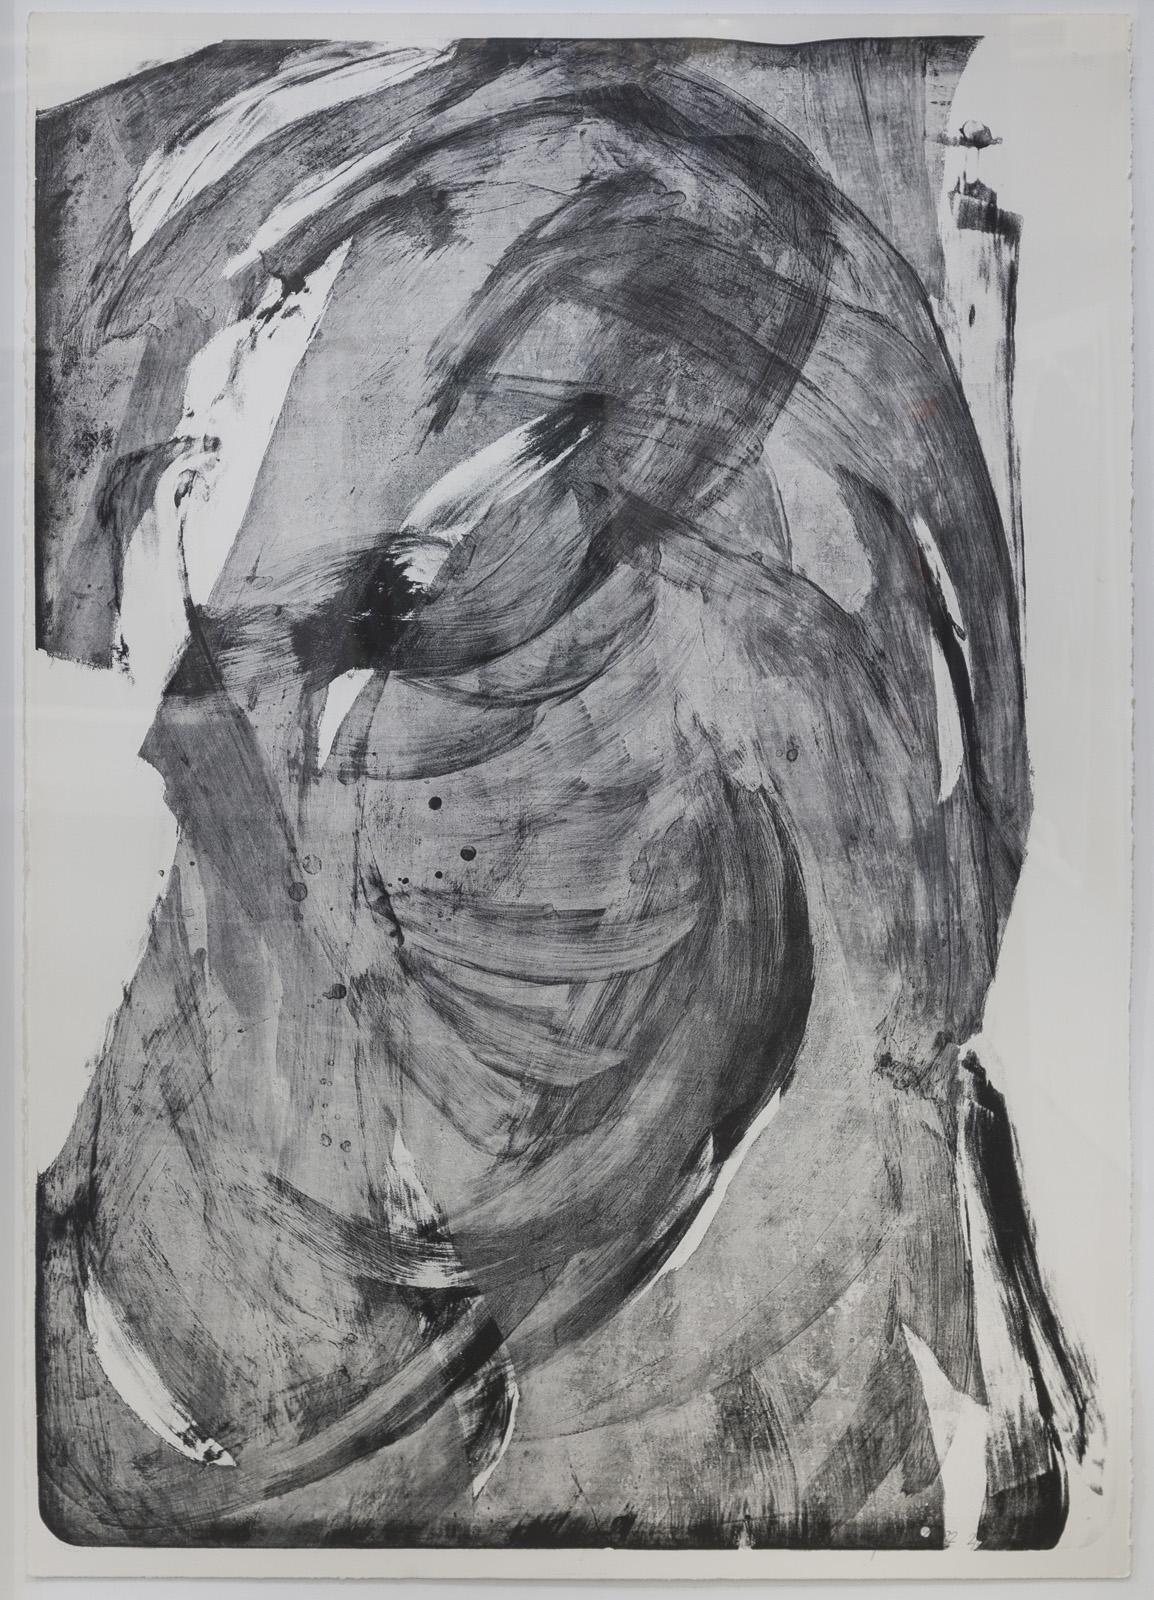 Stehender, Lithographie, 2 von 4, 177 x 124 cm, 1992